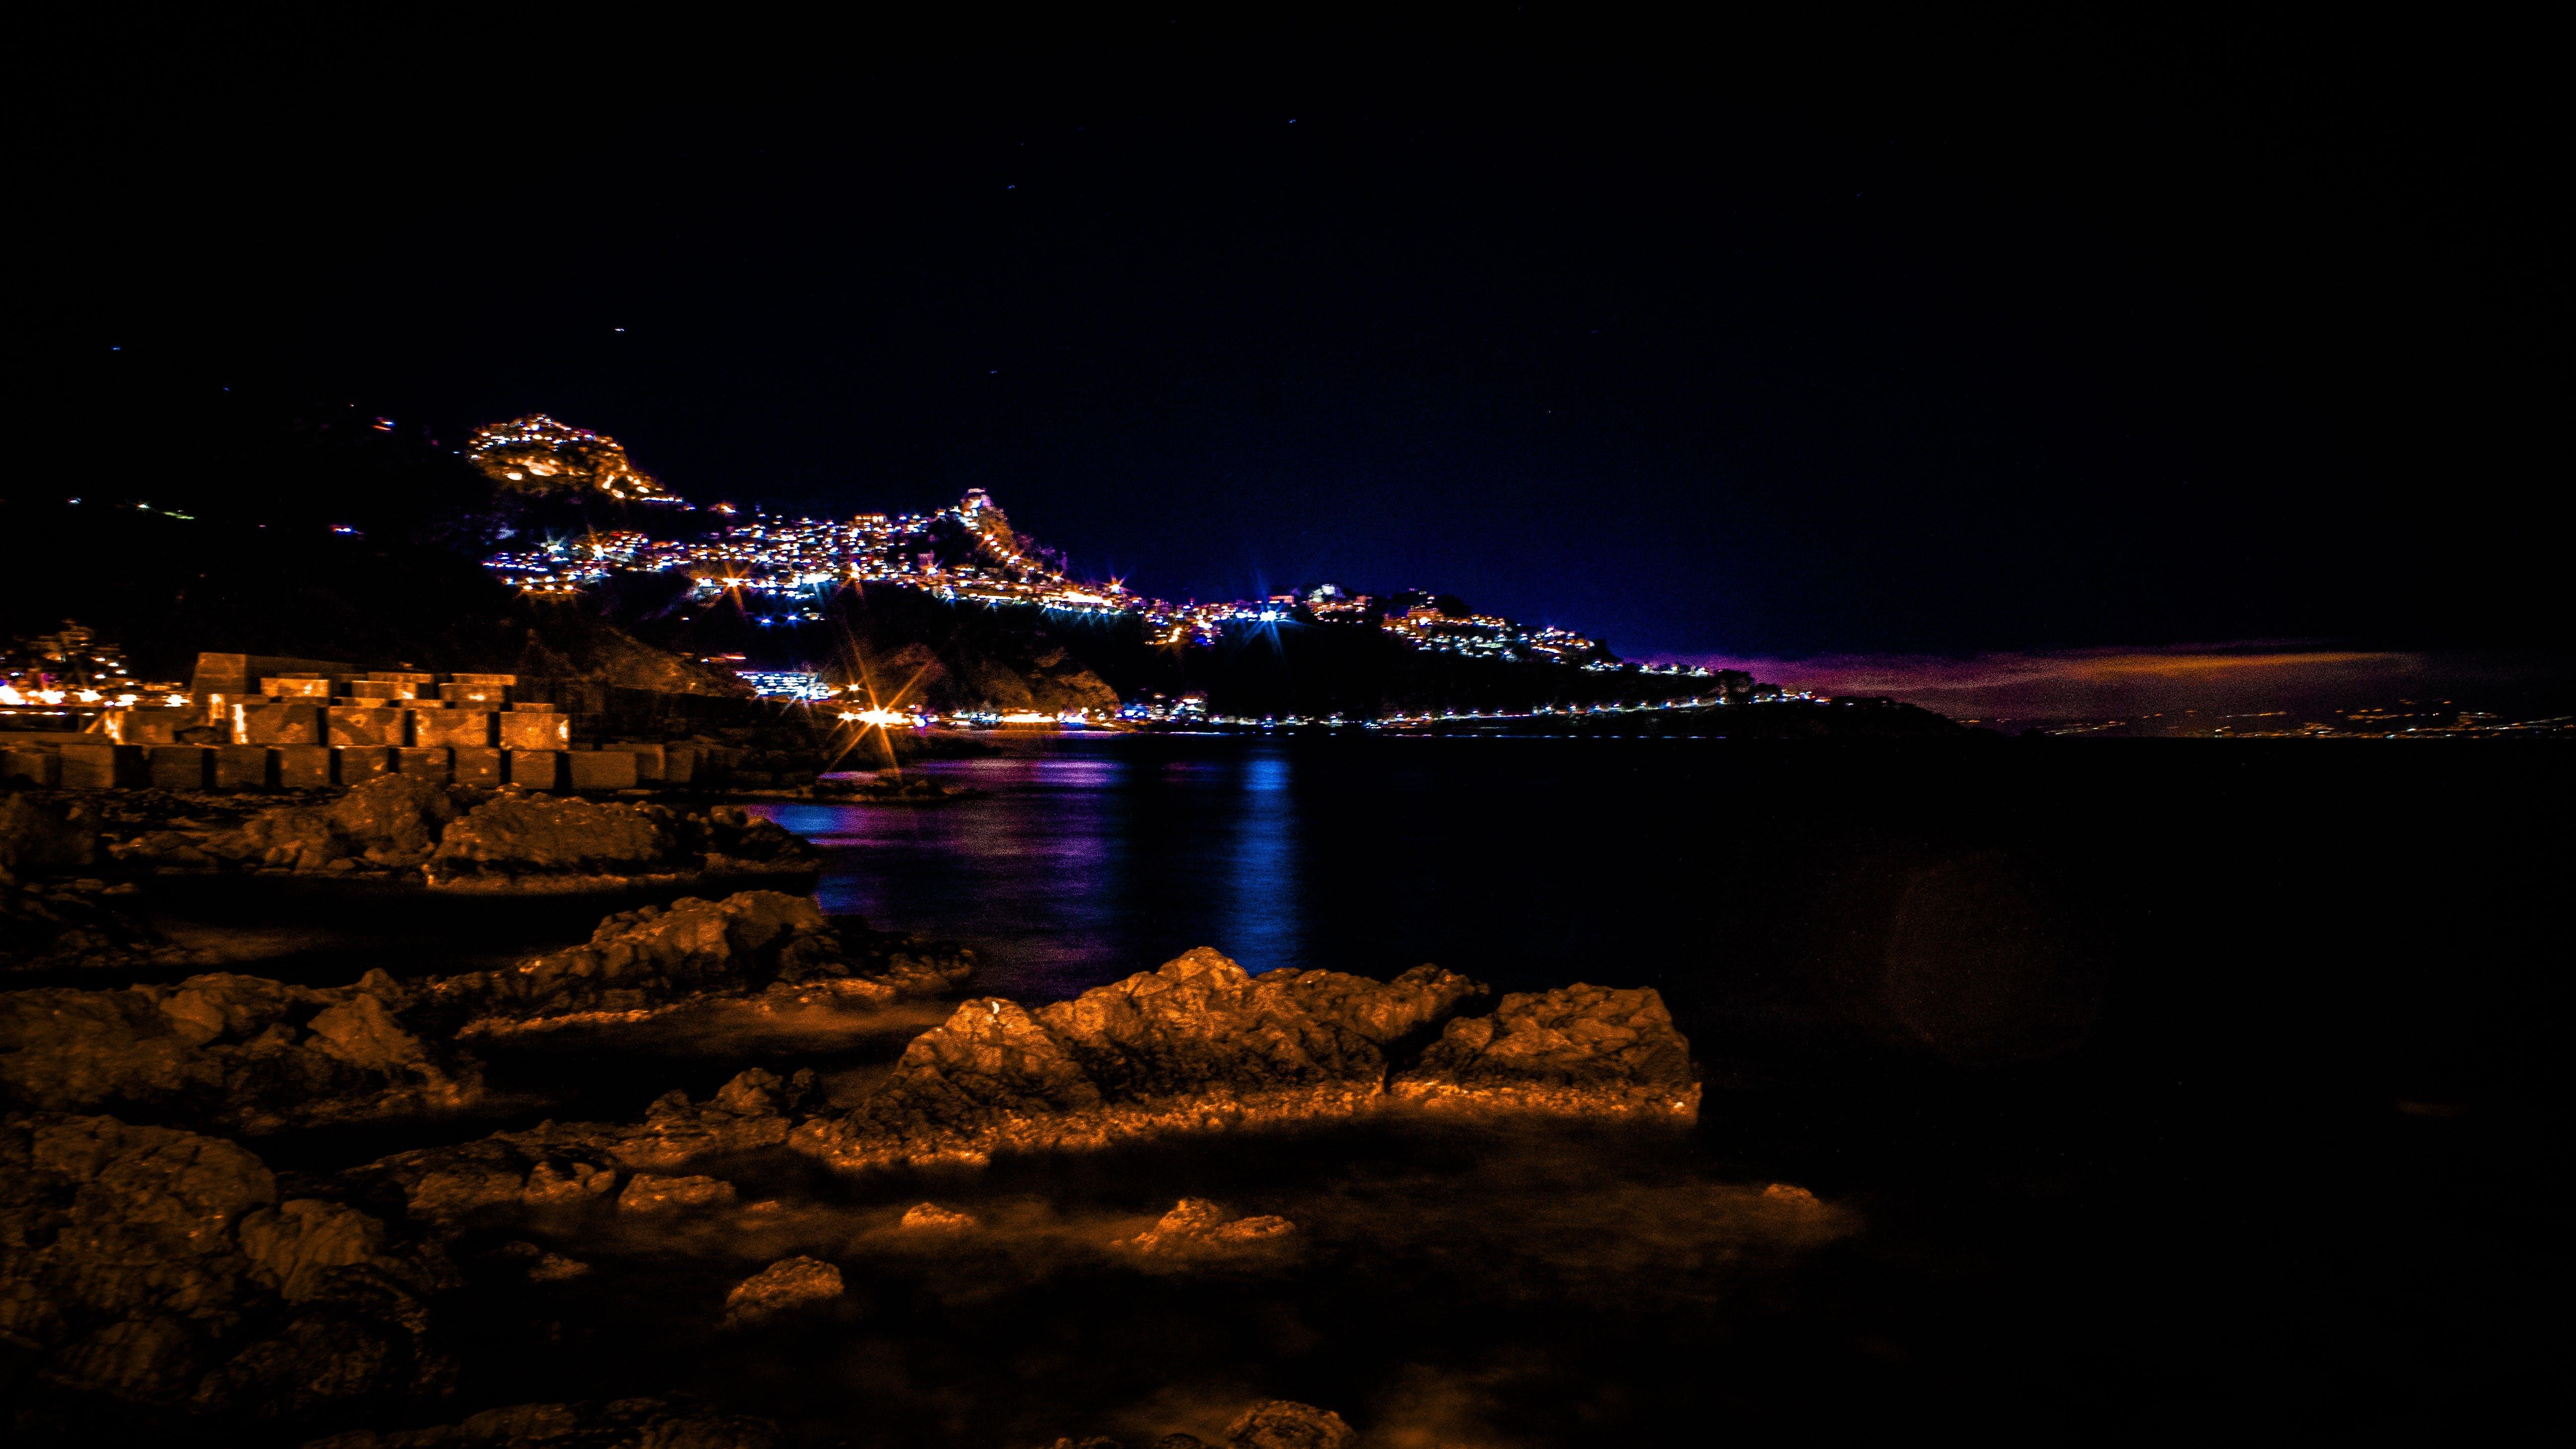 akşam, aydınlatılmış, deniz, deniz kıyısı içeren Ücretsiz stok fotoğraf